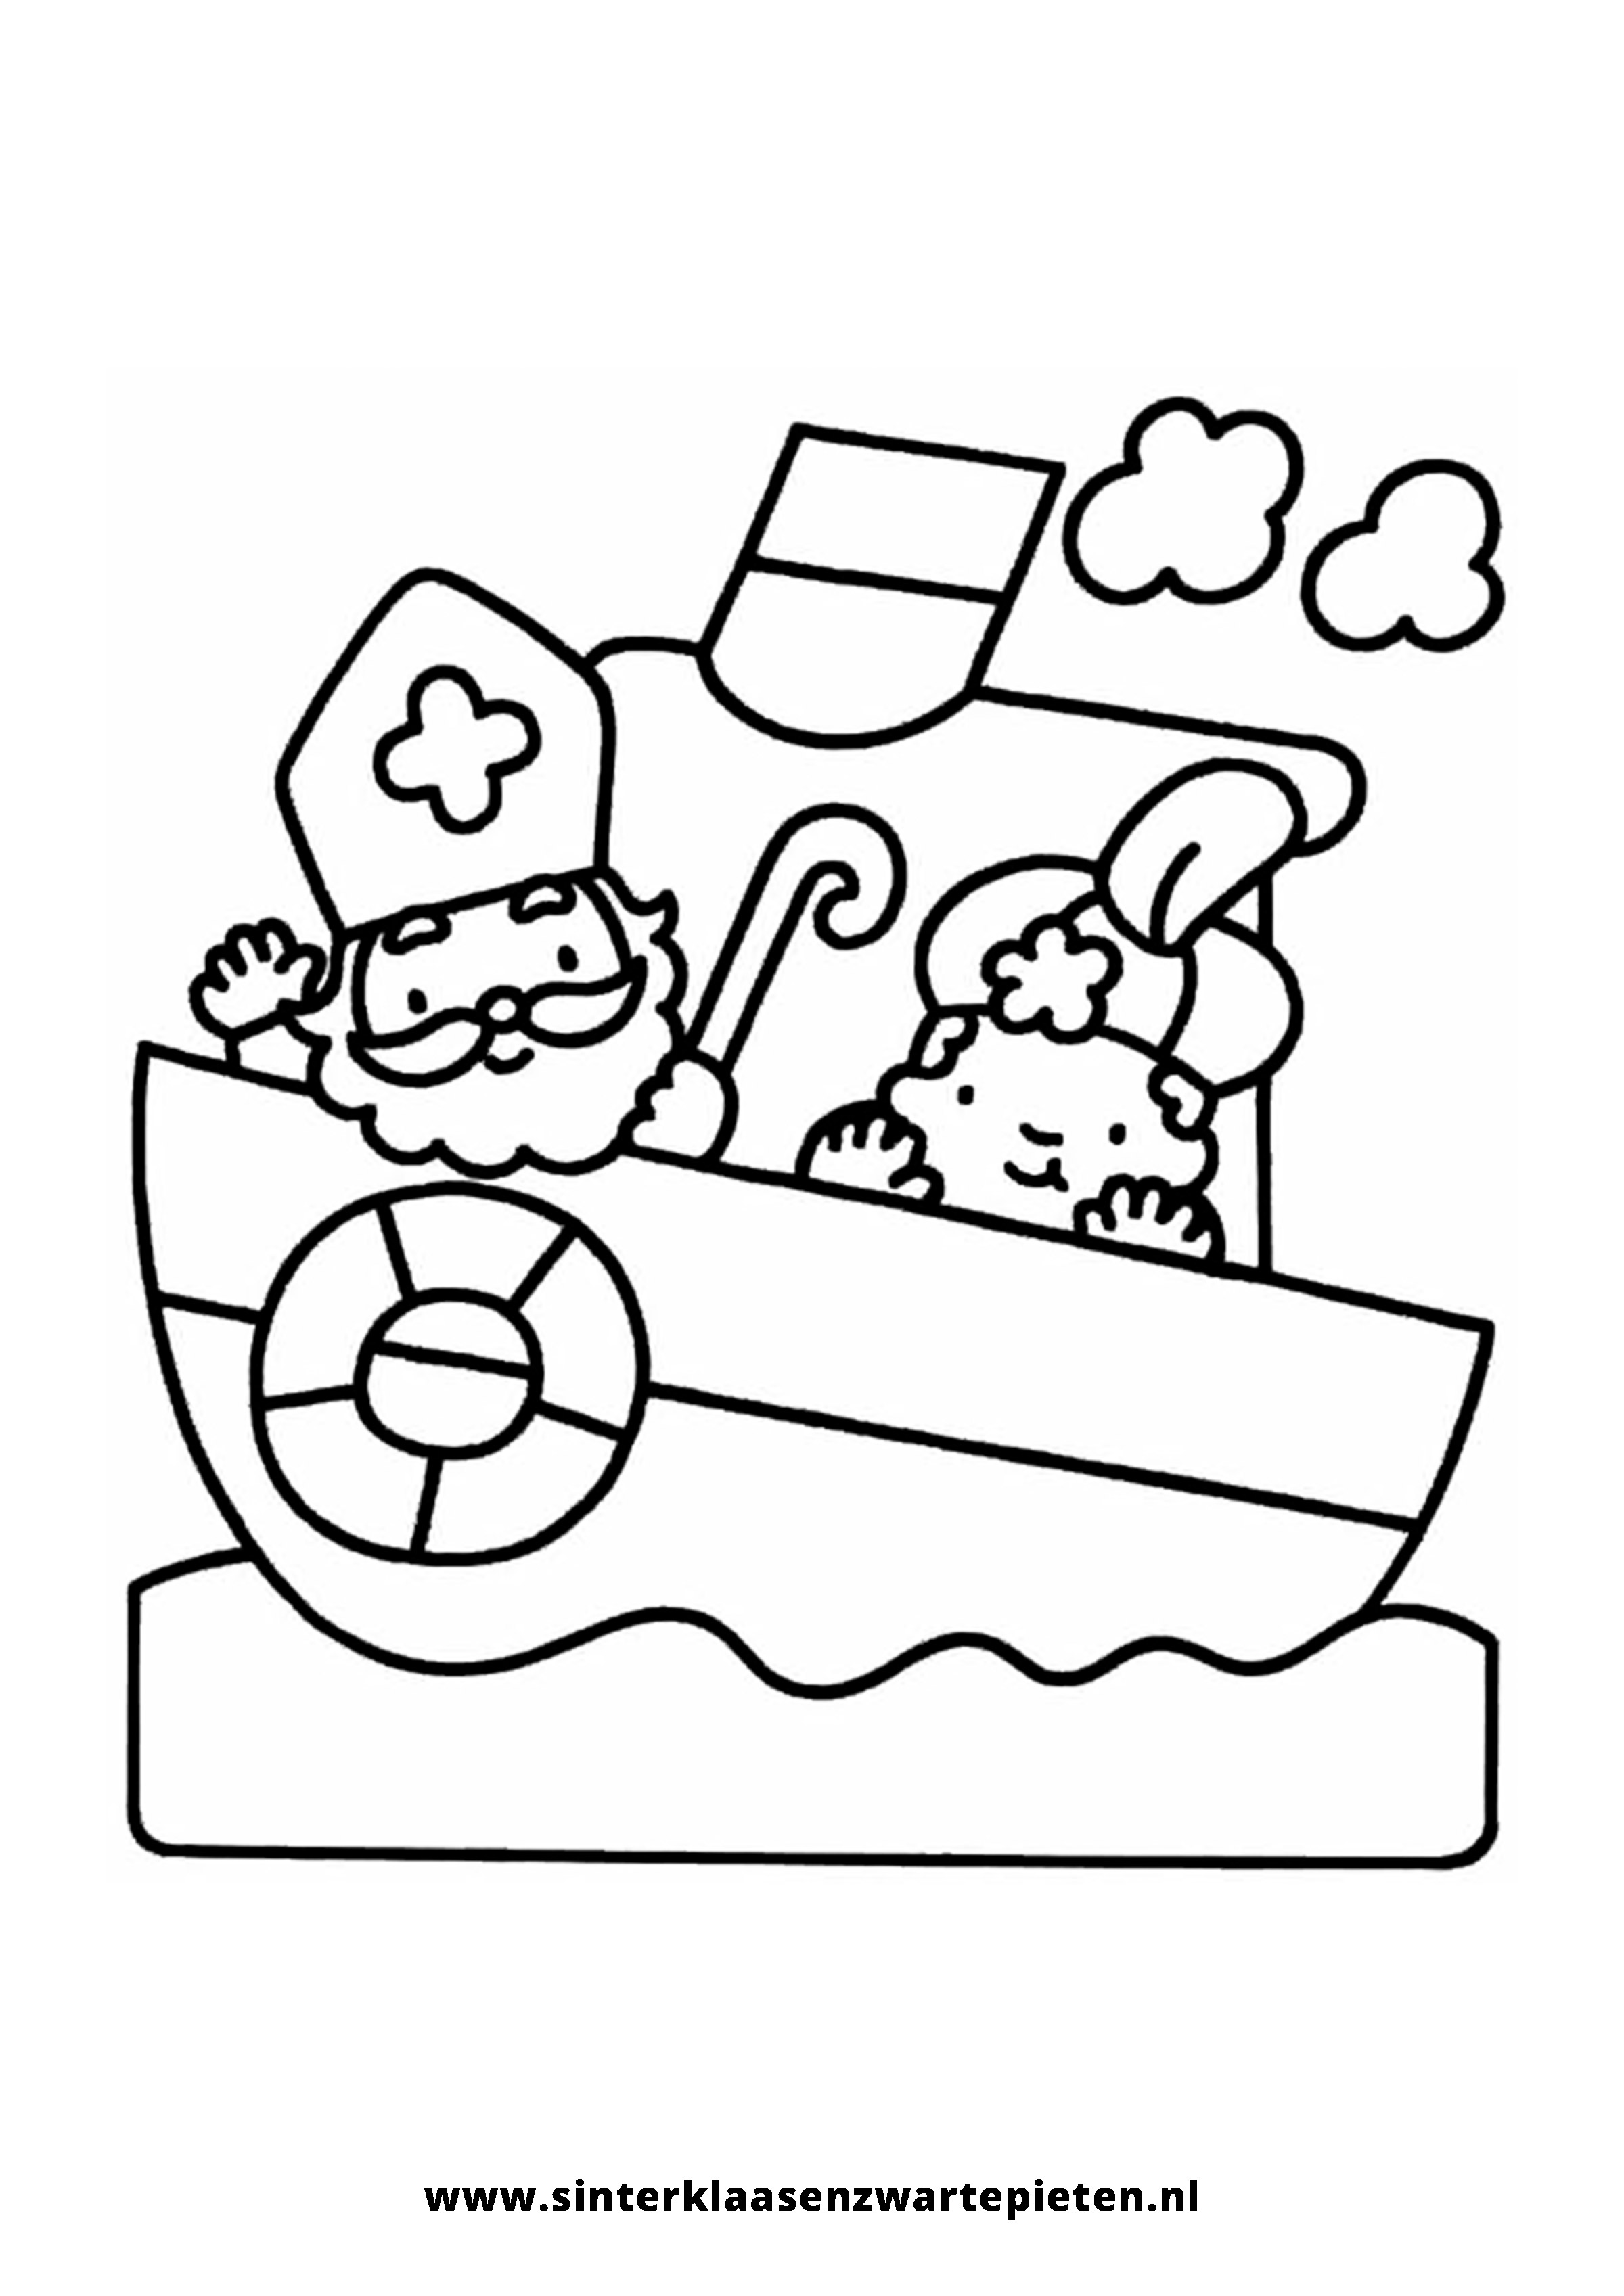 Kleurplaten Van Sinterklaas En Zwarte Piet.Elegant Kleurplaat Sinterklaas Op De Boot Klupaats Website